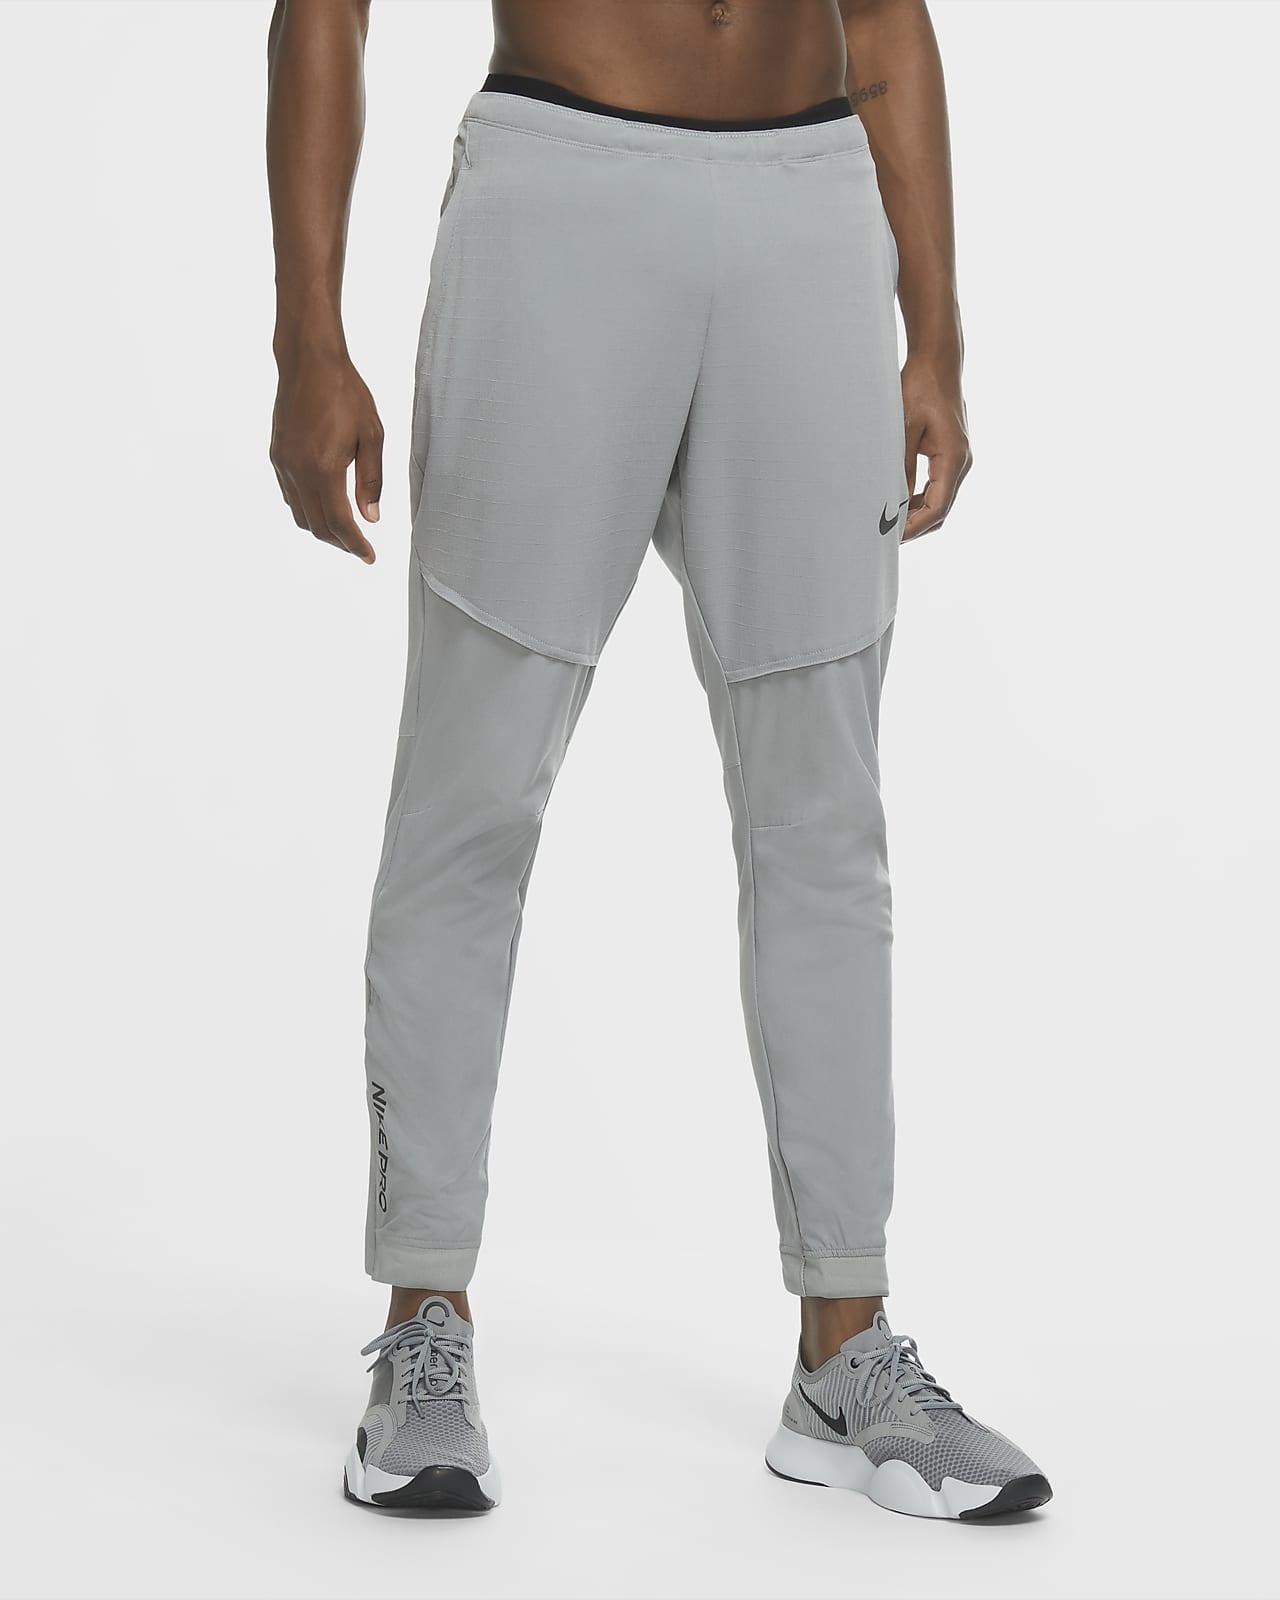 Nike Pro Flex Rep-bukser til mænd